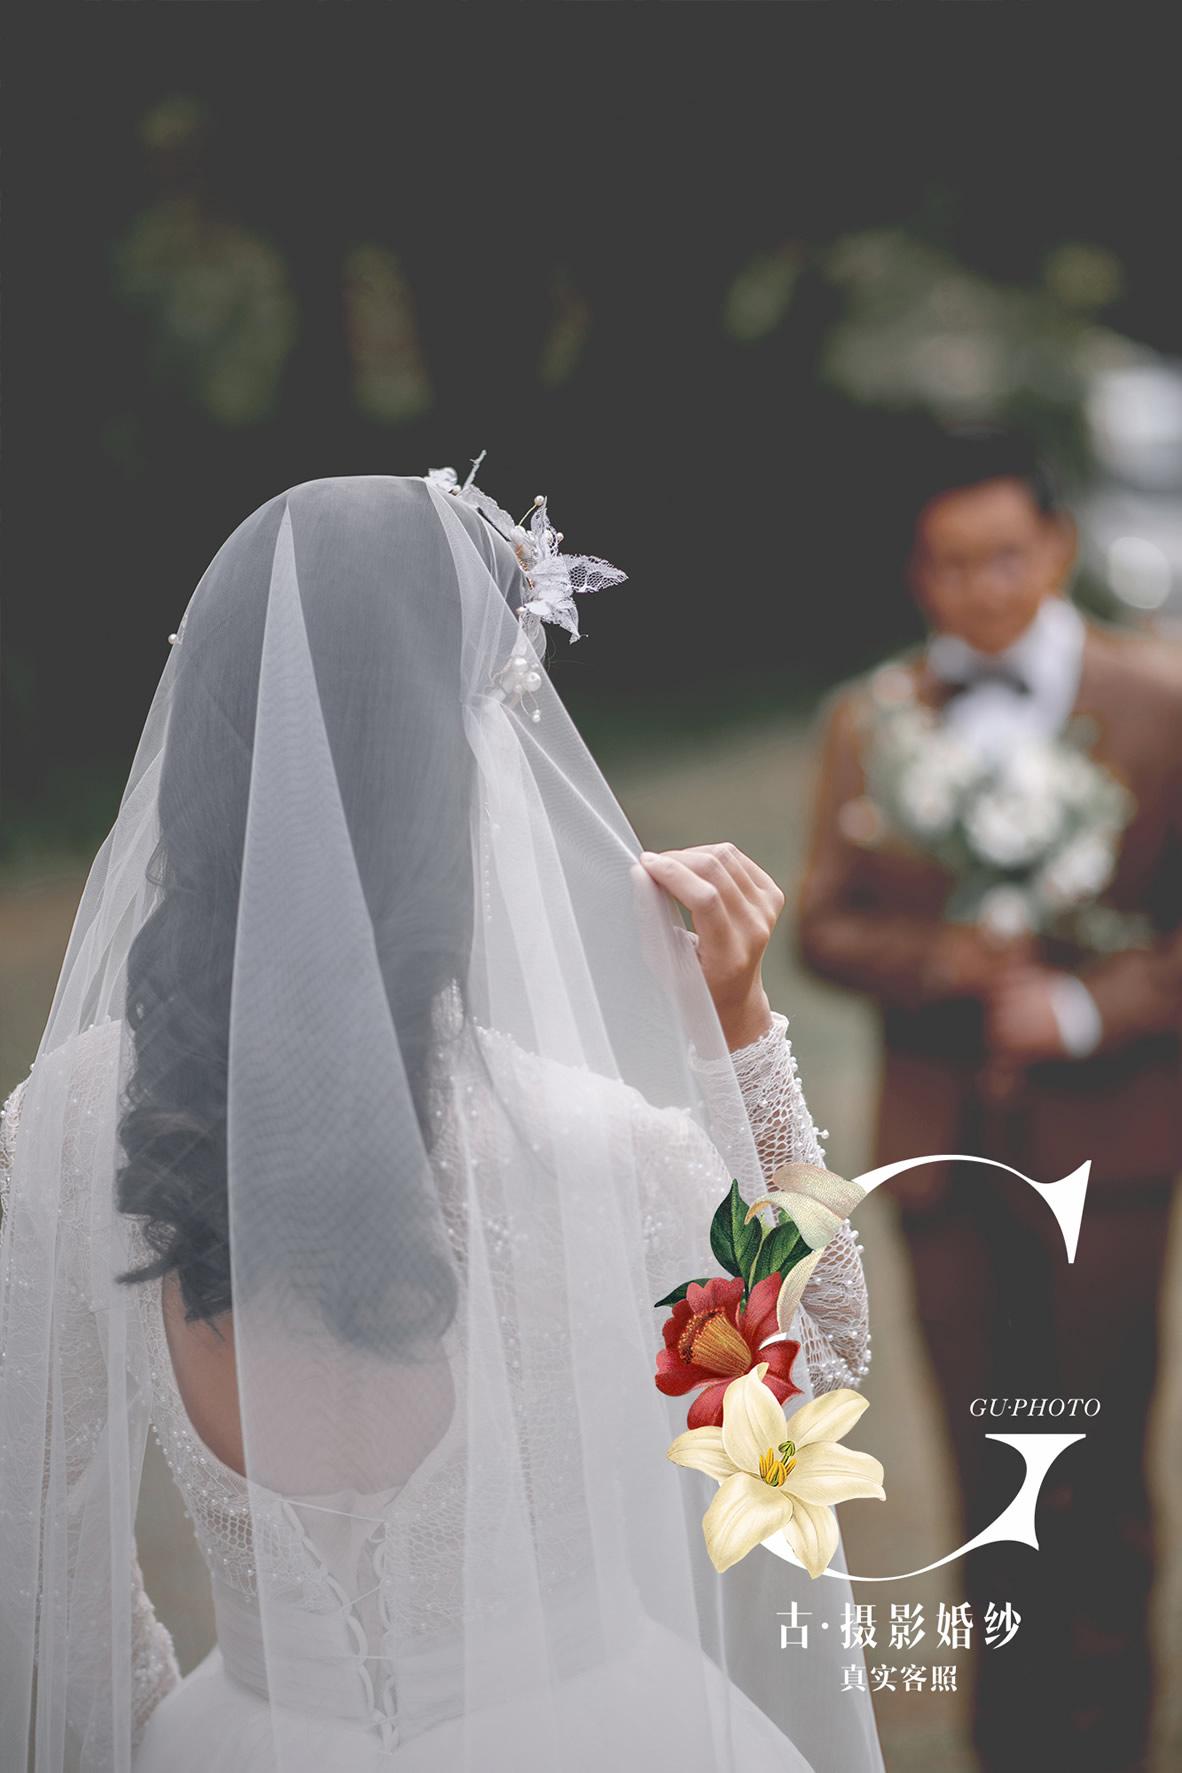 薛先生 罗小姐 - 每日客照 - 古摄影婚纱艺术-古摄影成都婚纱摄影艺术摄影网